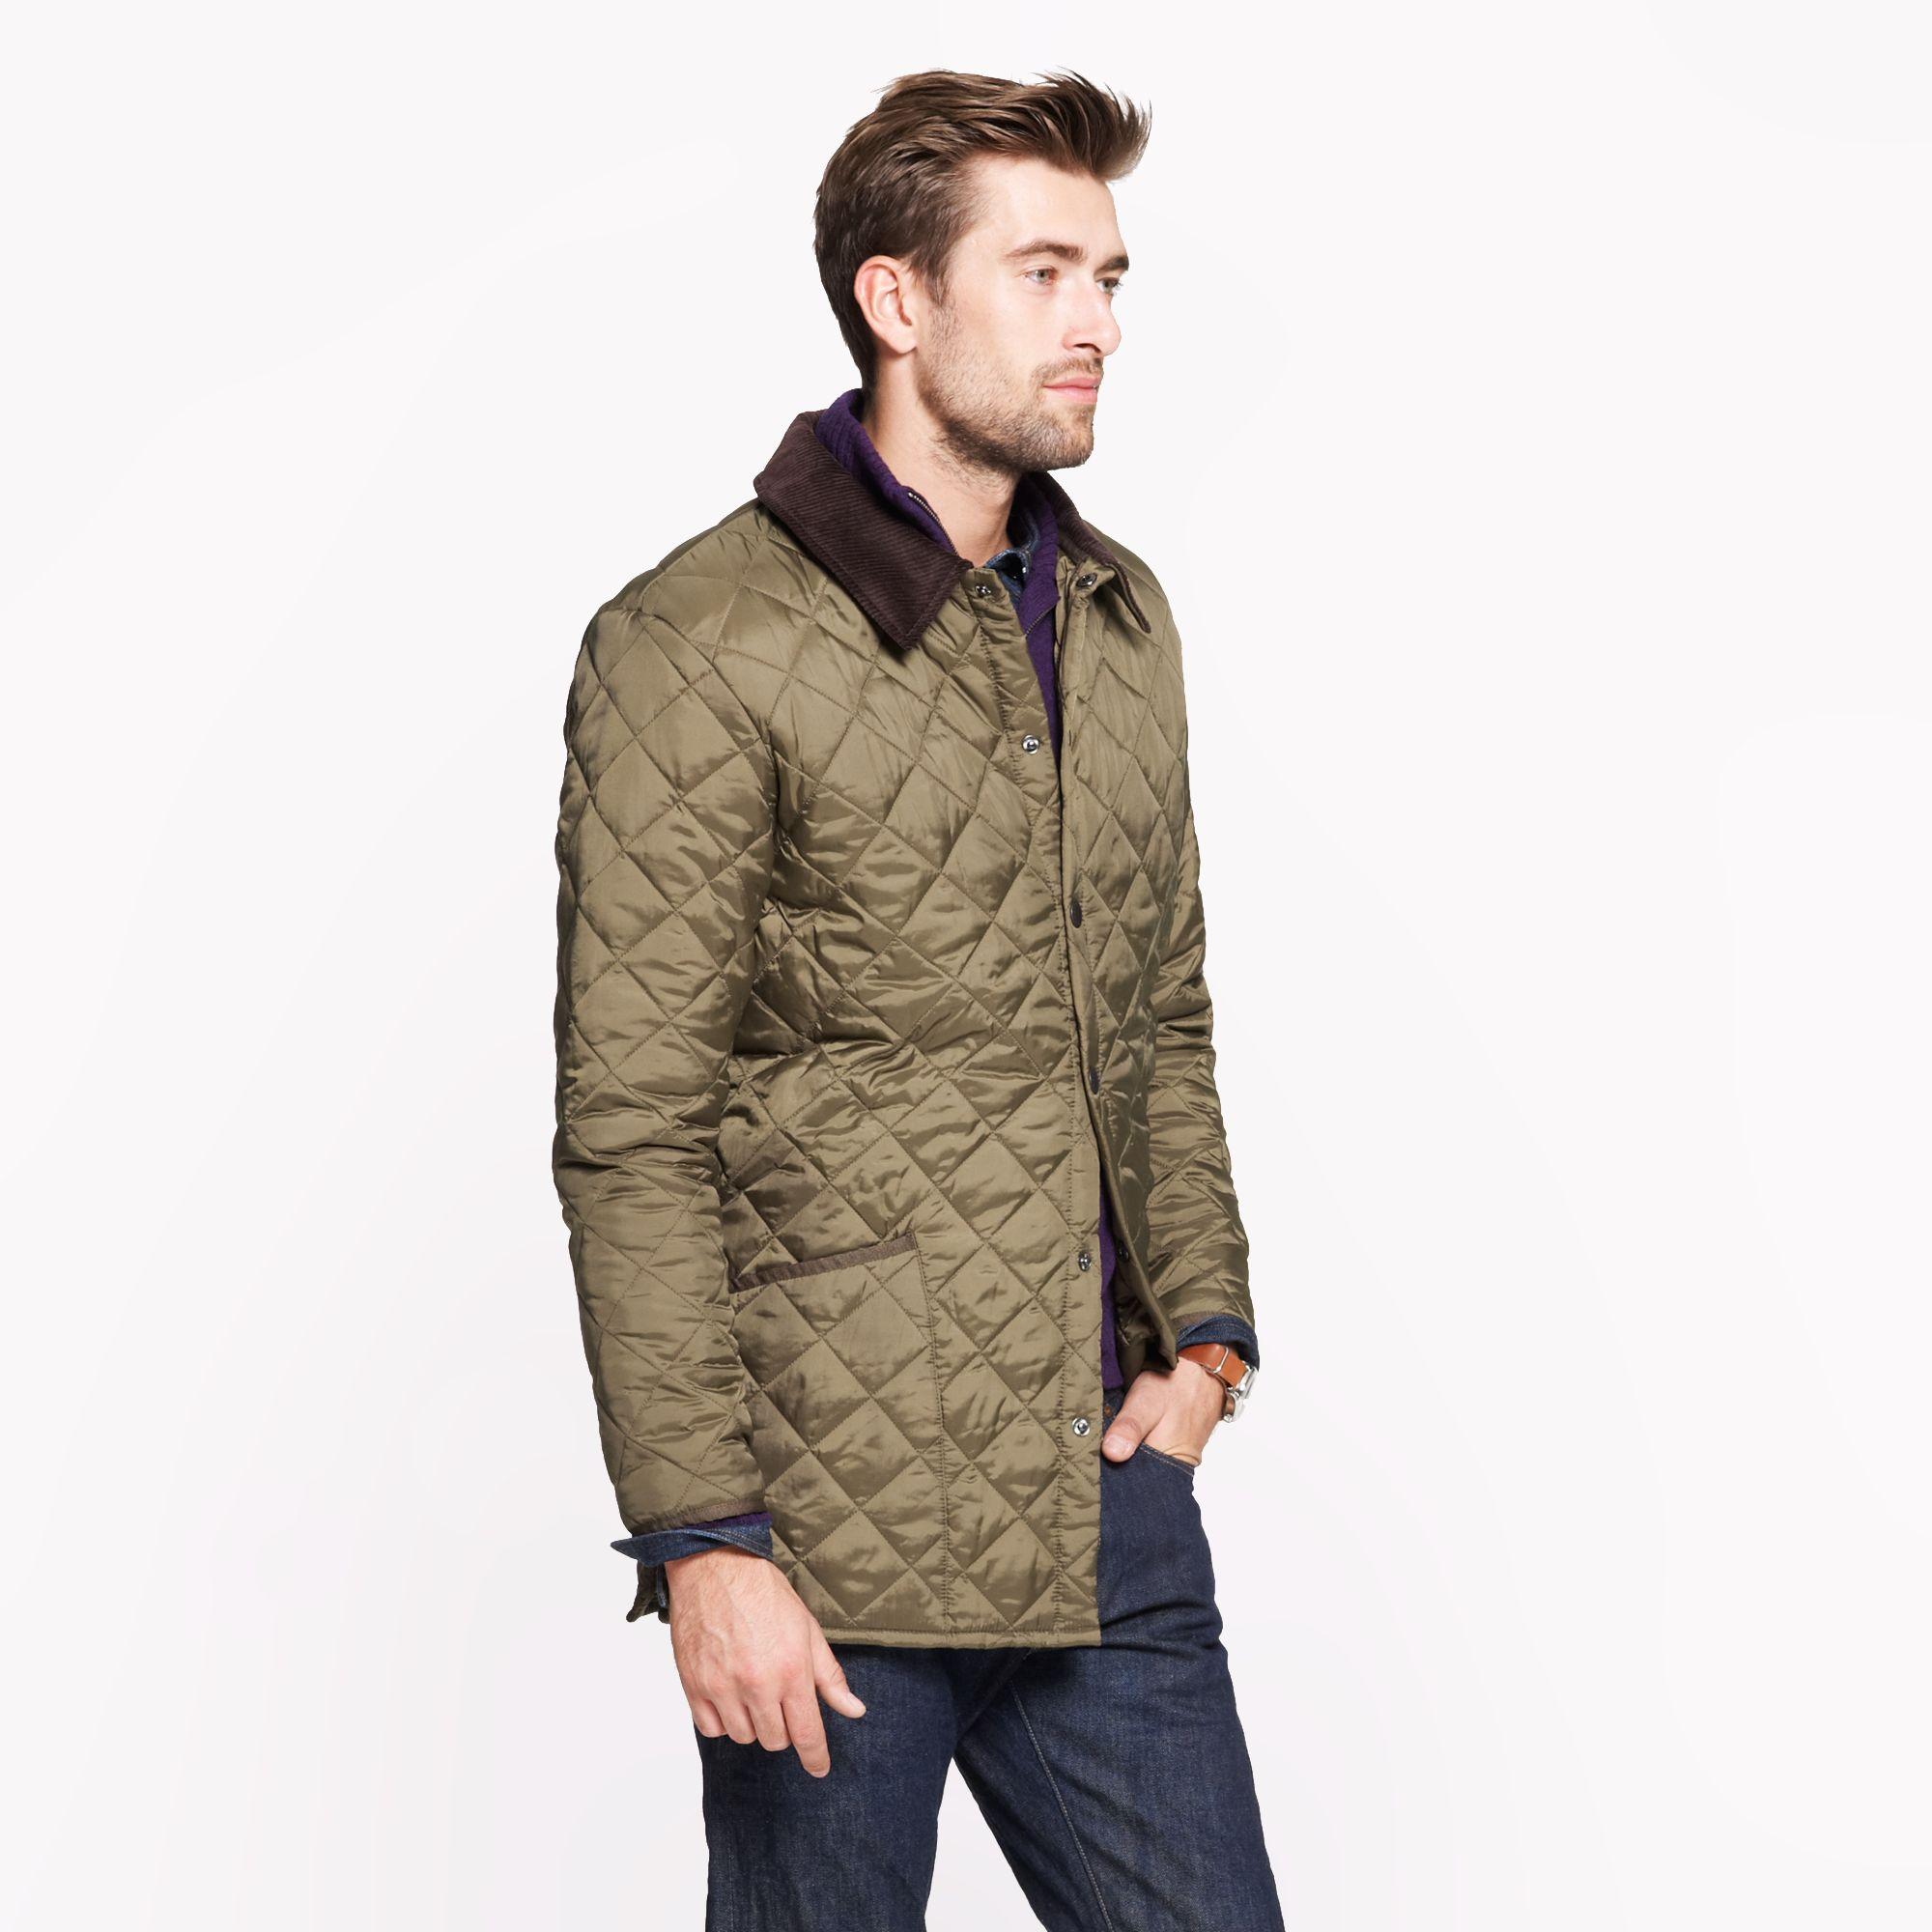 J Crew Barbour Liddesdale Jacket In Green For Men Olive